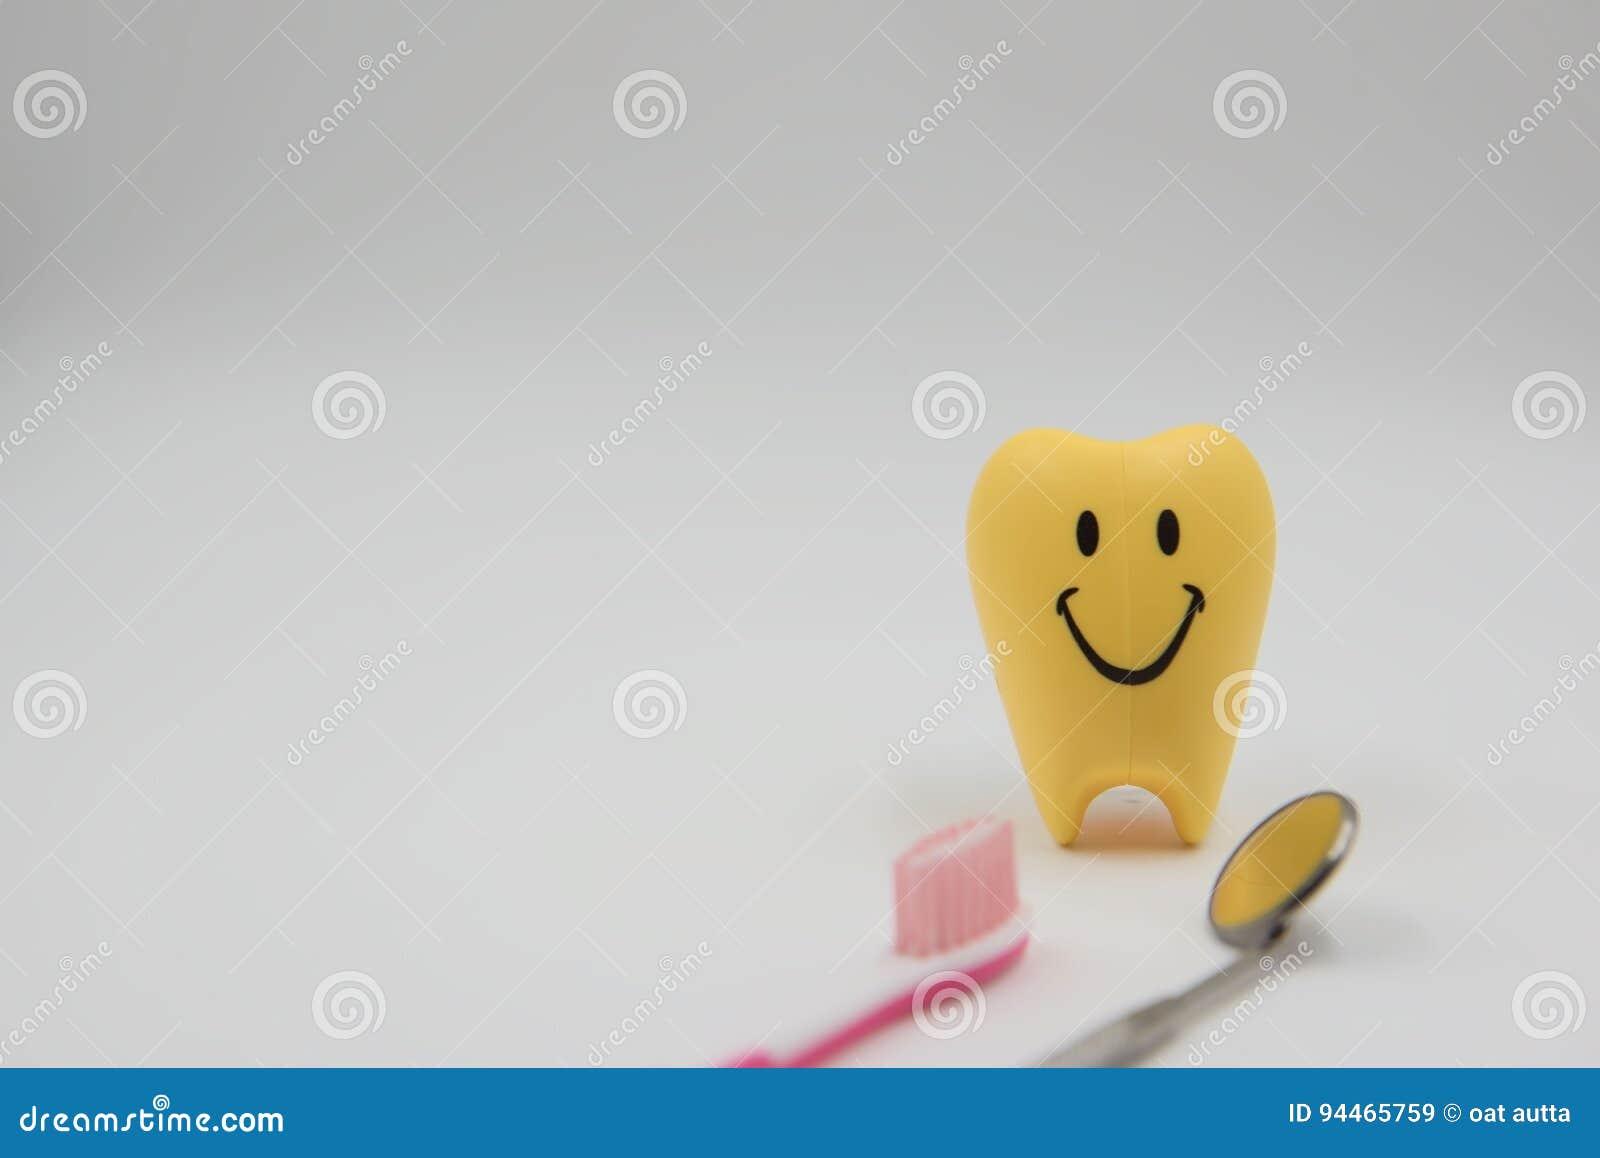 Dentes bonitos dos brinquedos do sorriso modelo amarelo na odontologia em um fundo branco